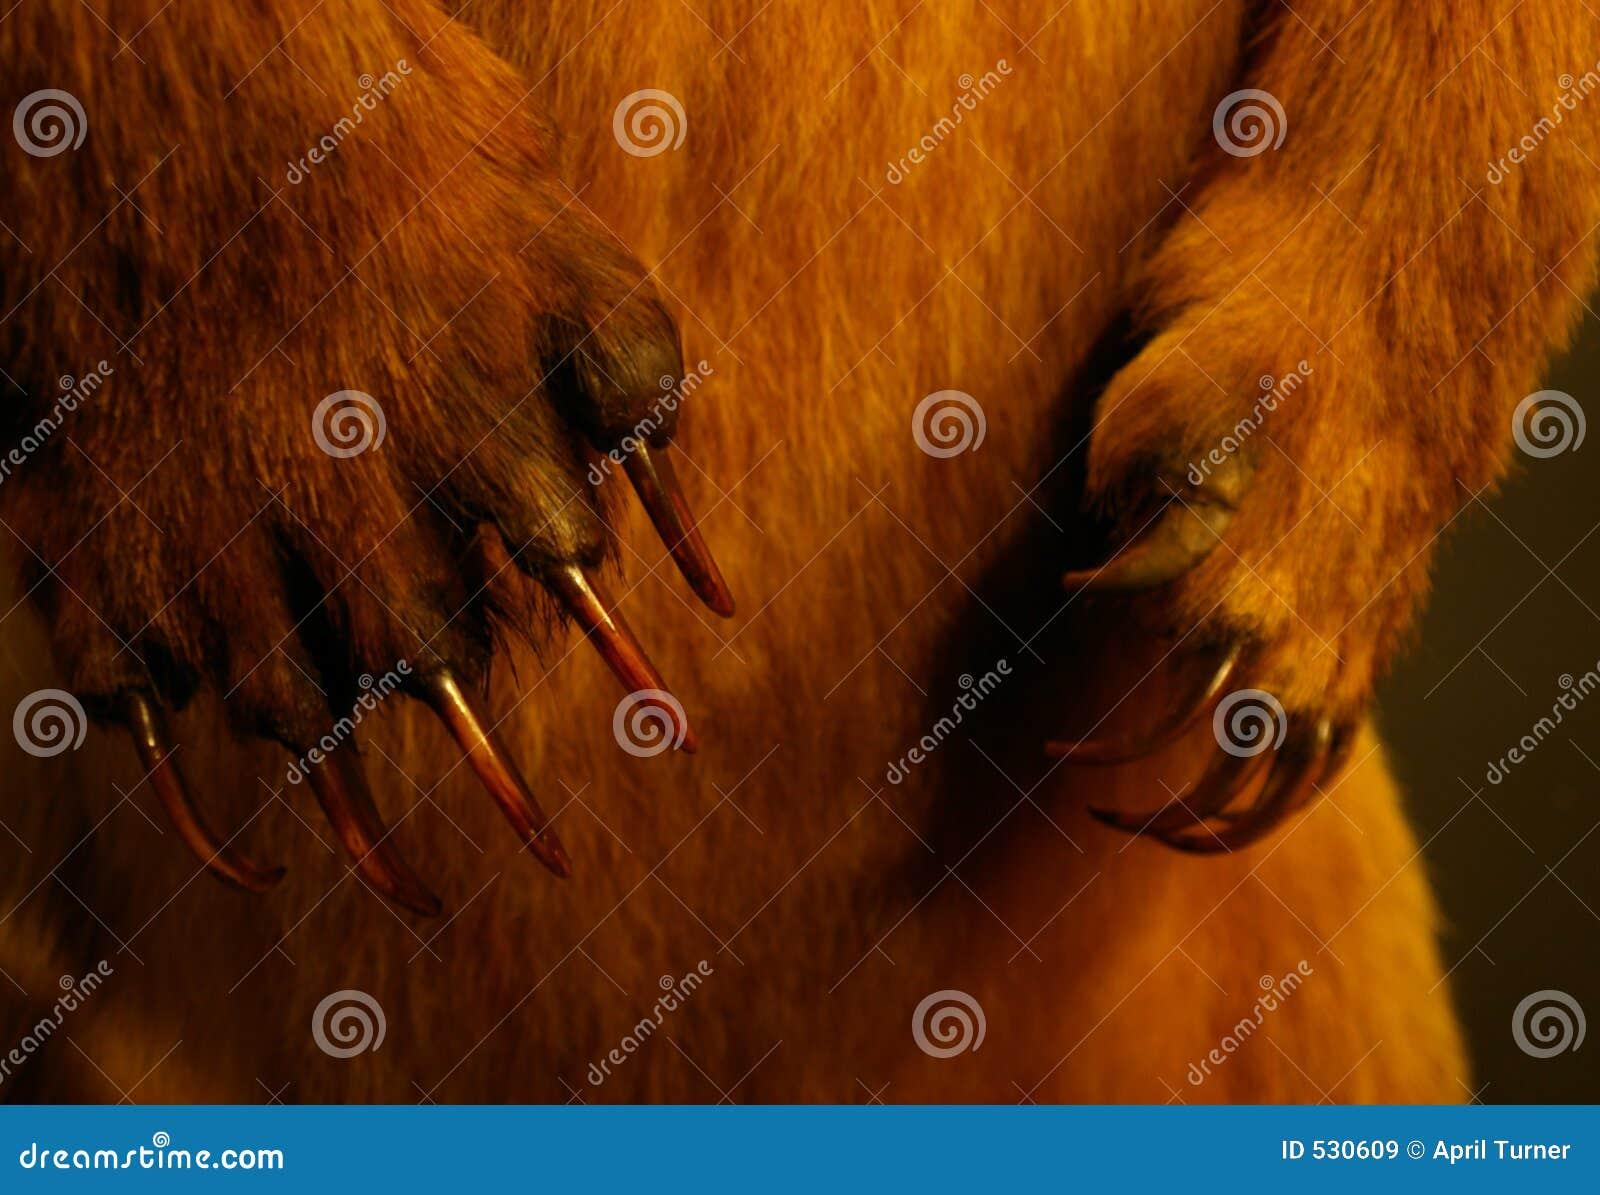 Download 爪 库存图片. 图片 包括有 敲打, 锋利, 通配, 哺乳动物, 敌意, 动物标本剥制术, 现有量, 猎人, 爪子 - 530609